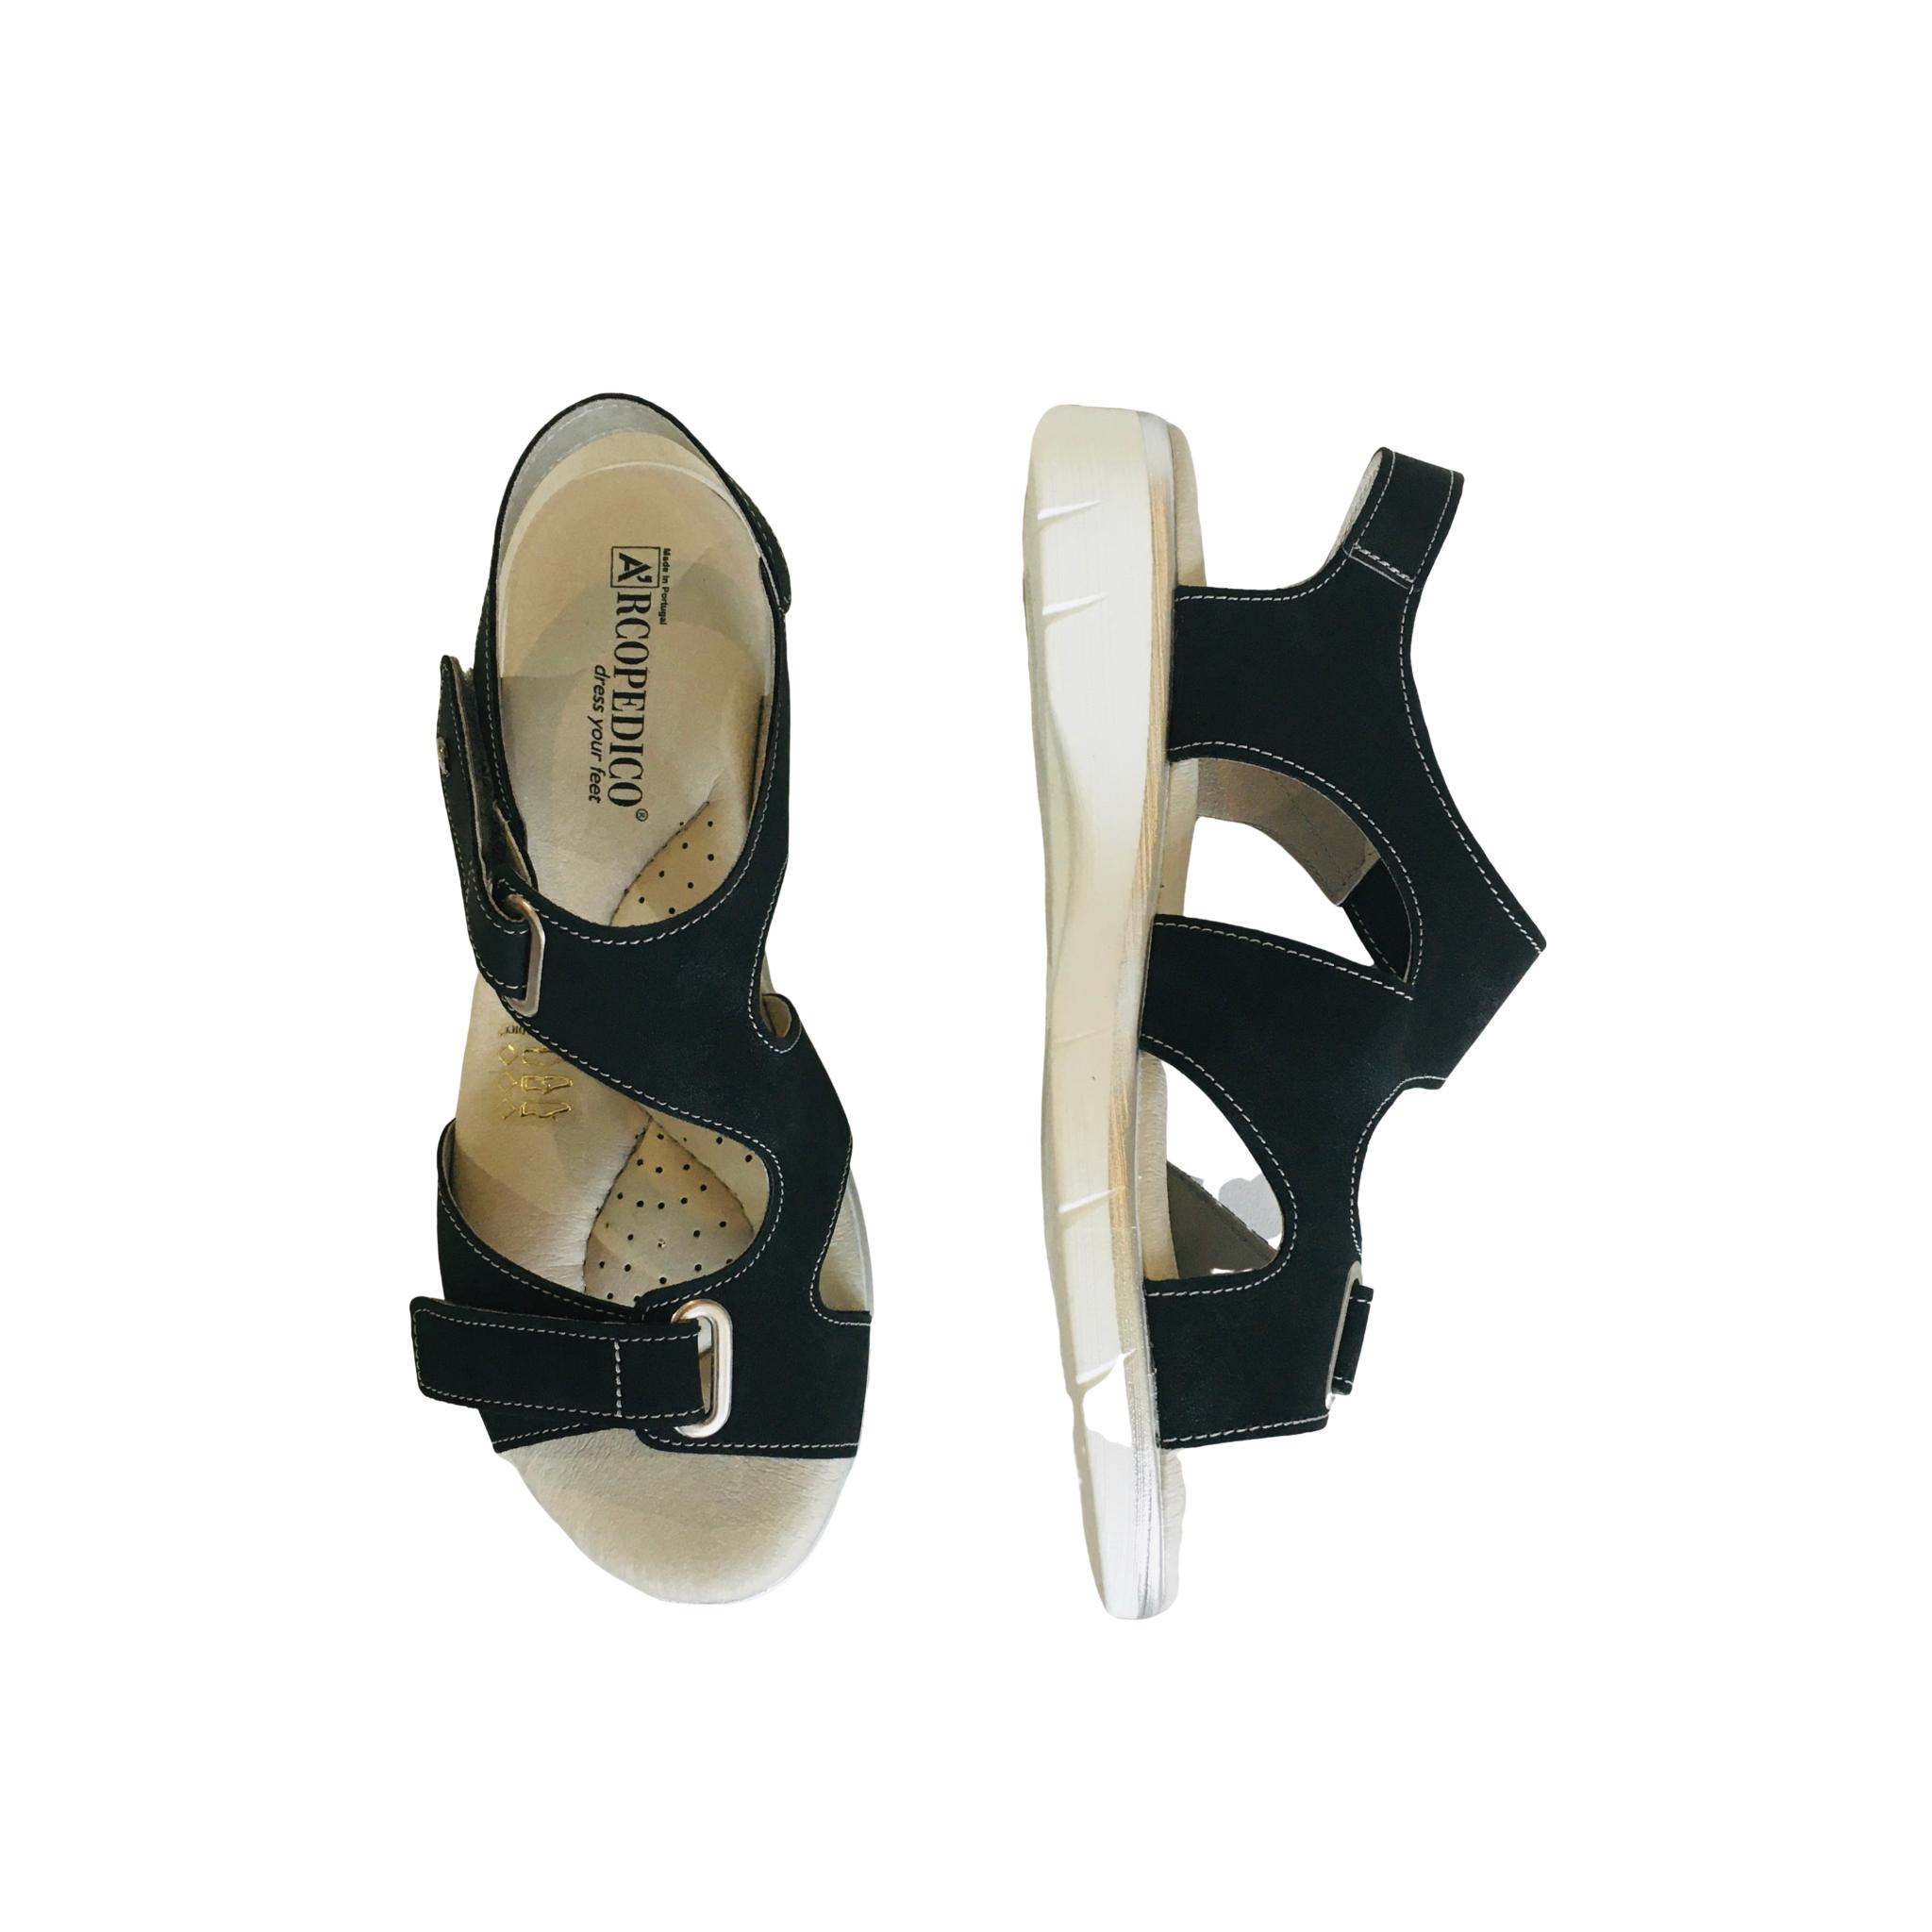 Arcopedico SCREAM with white sole